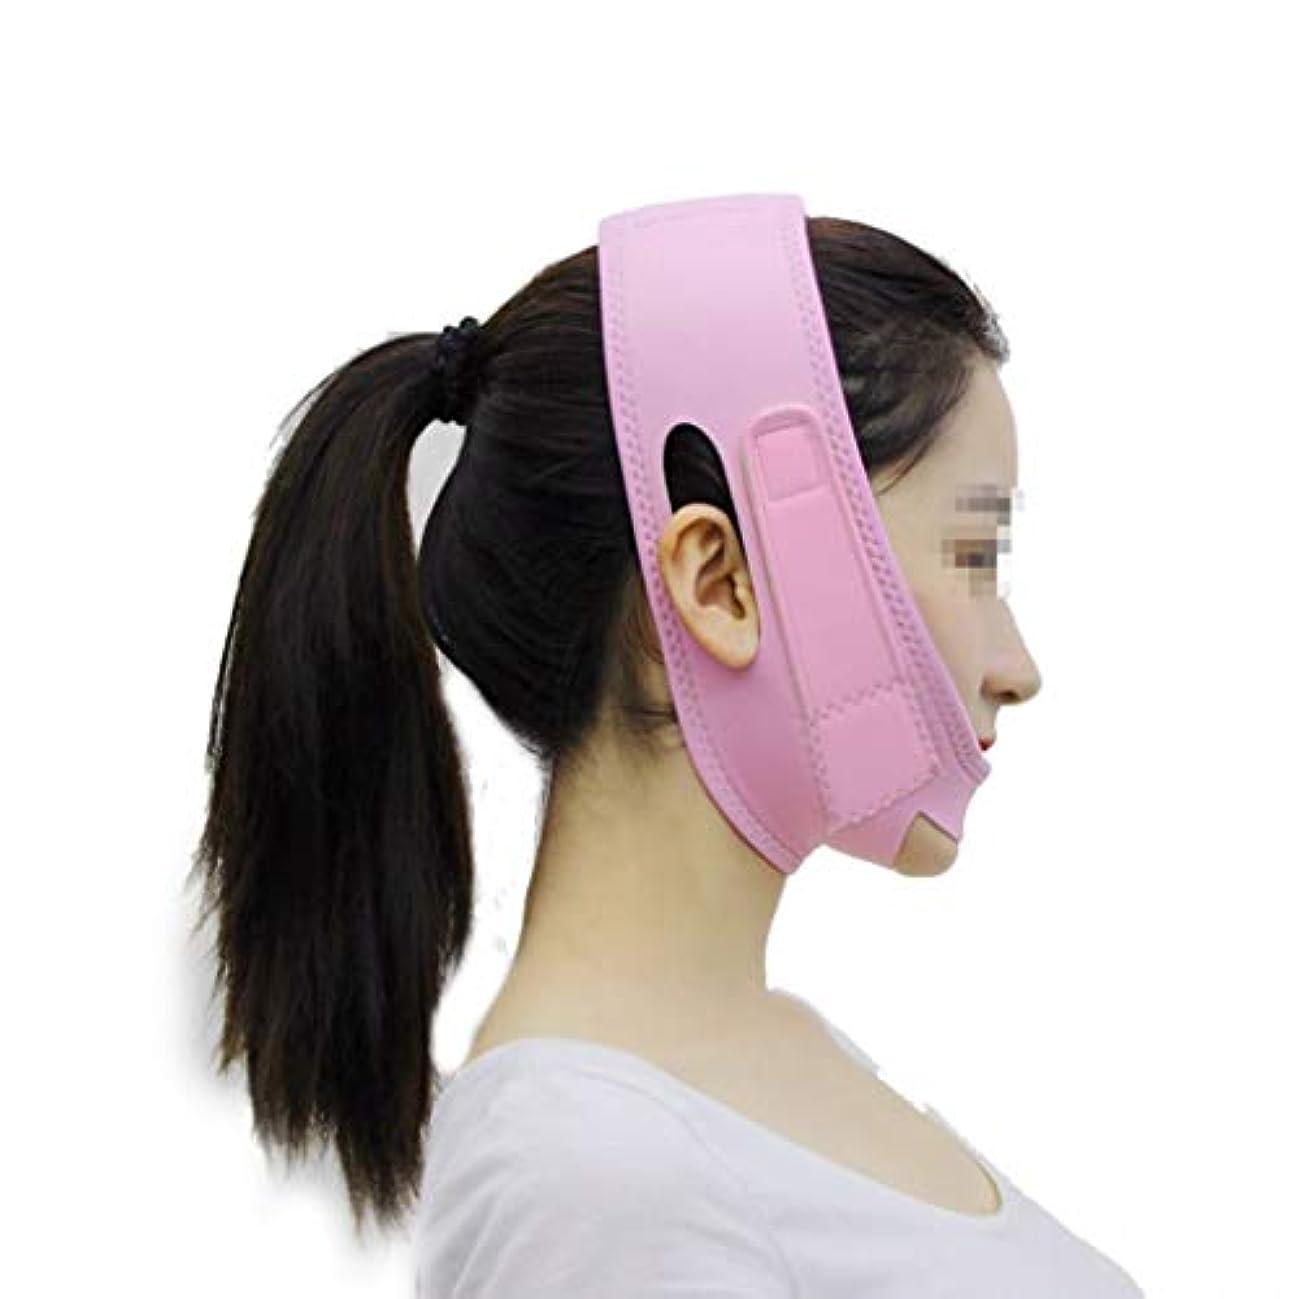 旅行対角線装置スリーピングフェイスマスク、ライン彫刻シェイプリフティングファーミングツールVフェイスからダブルチンの包帯